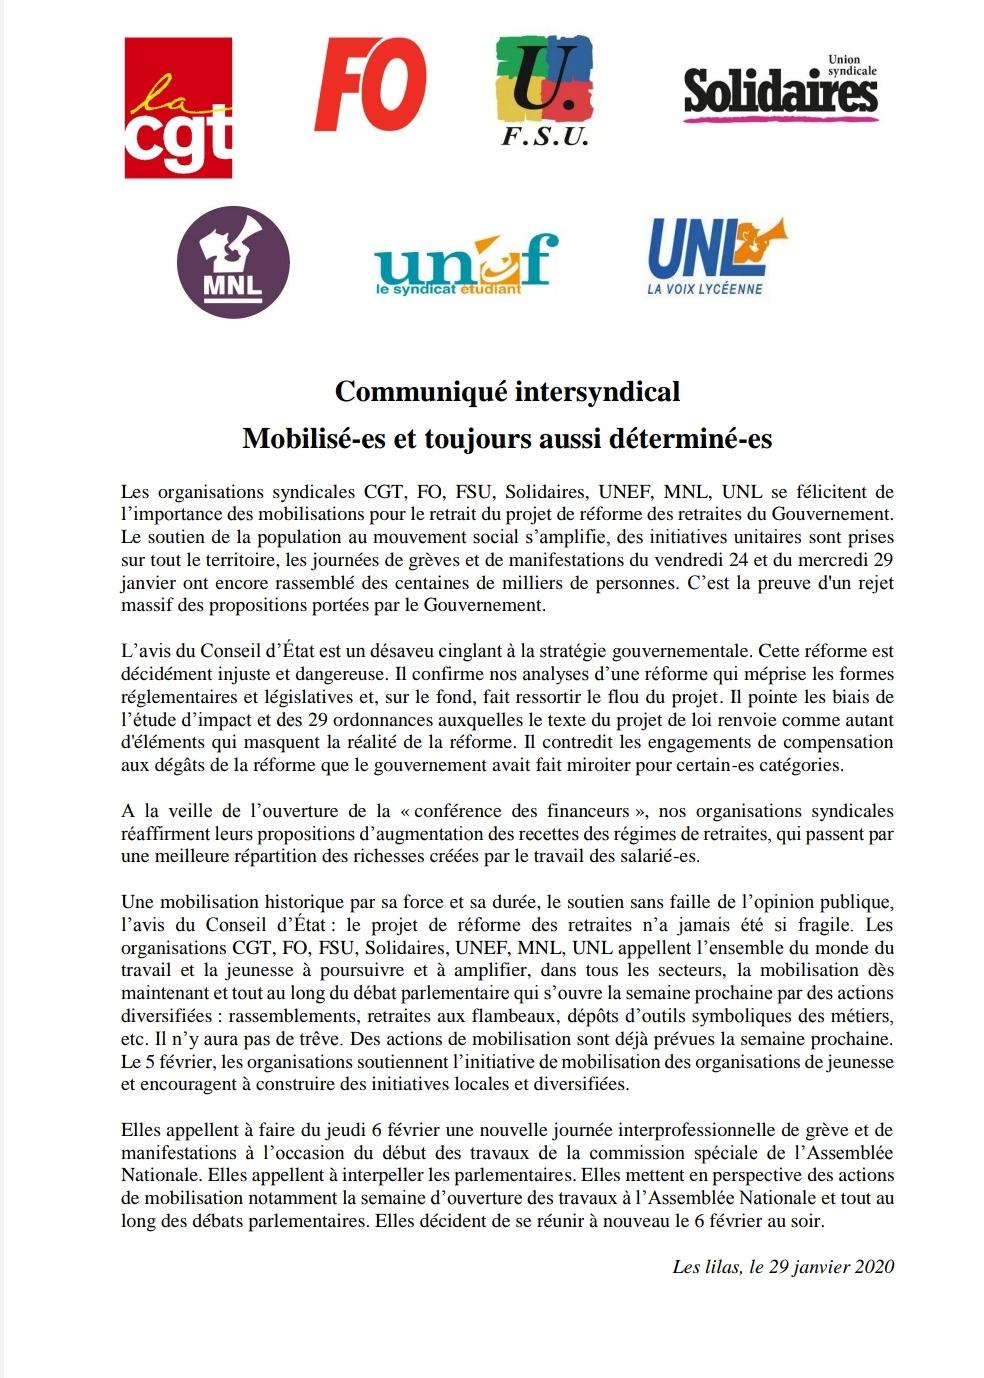 Appel Intersyndicale nationale pour le 6 février